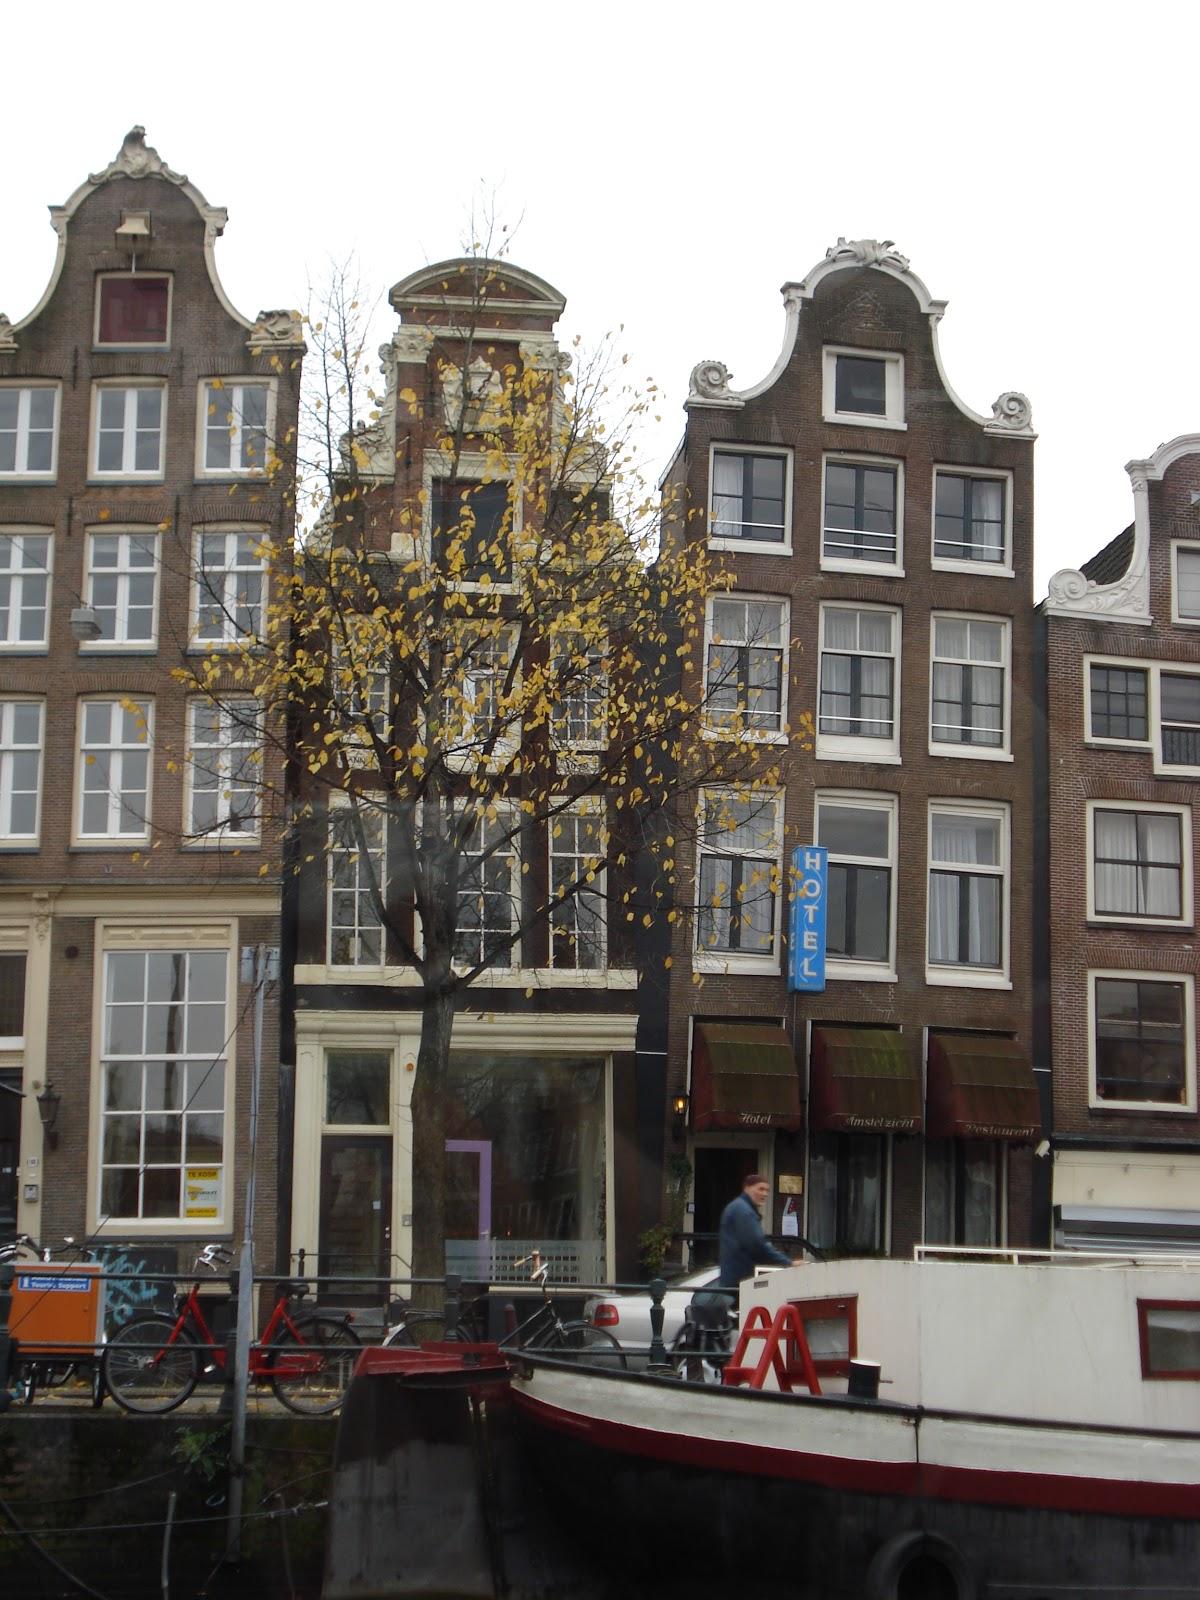 Gargoyles Graffiti Amsterdam Waterways Bicycles